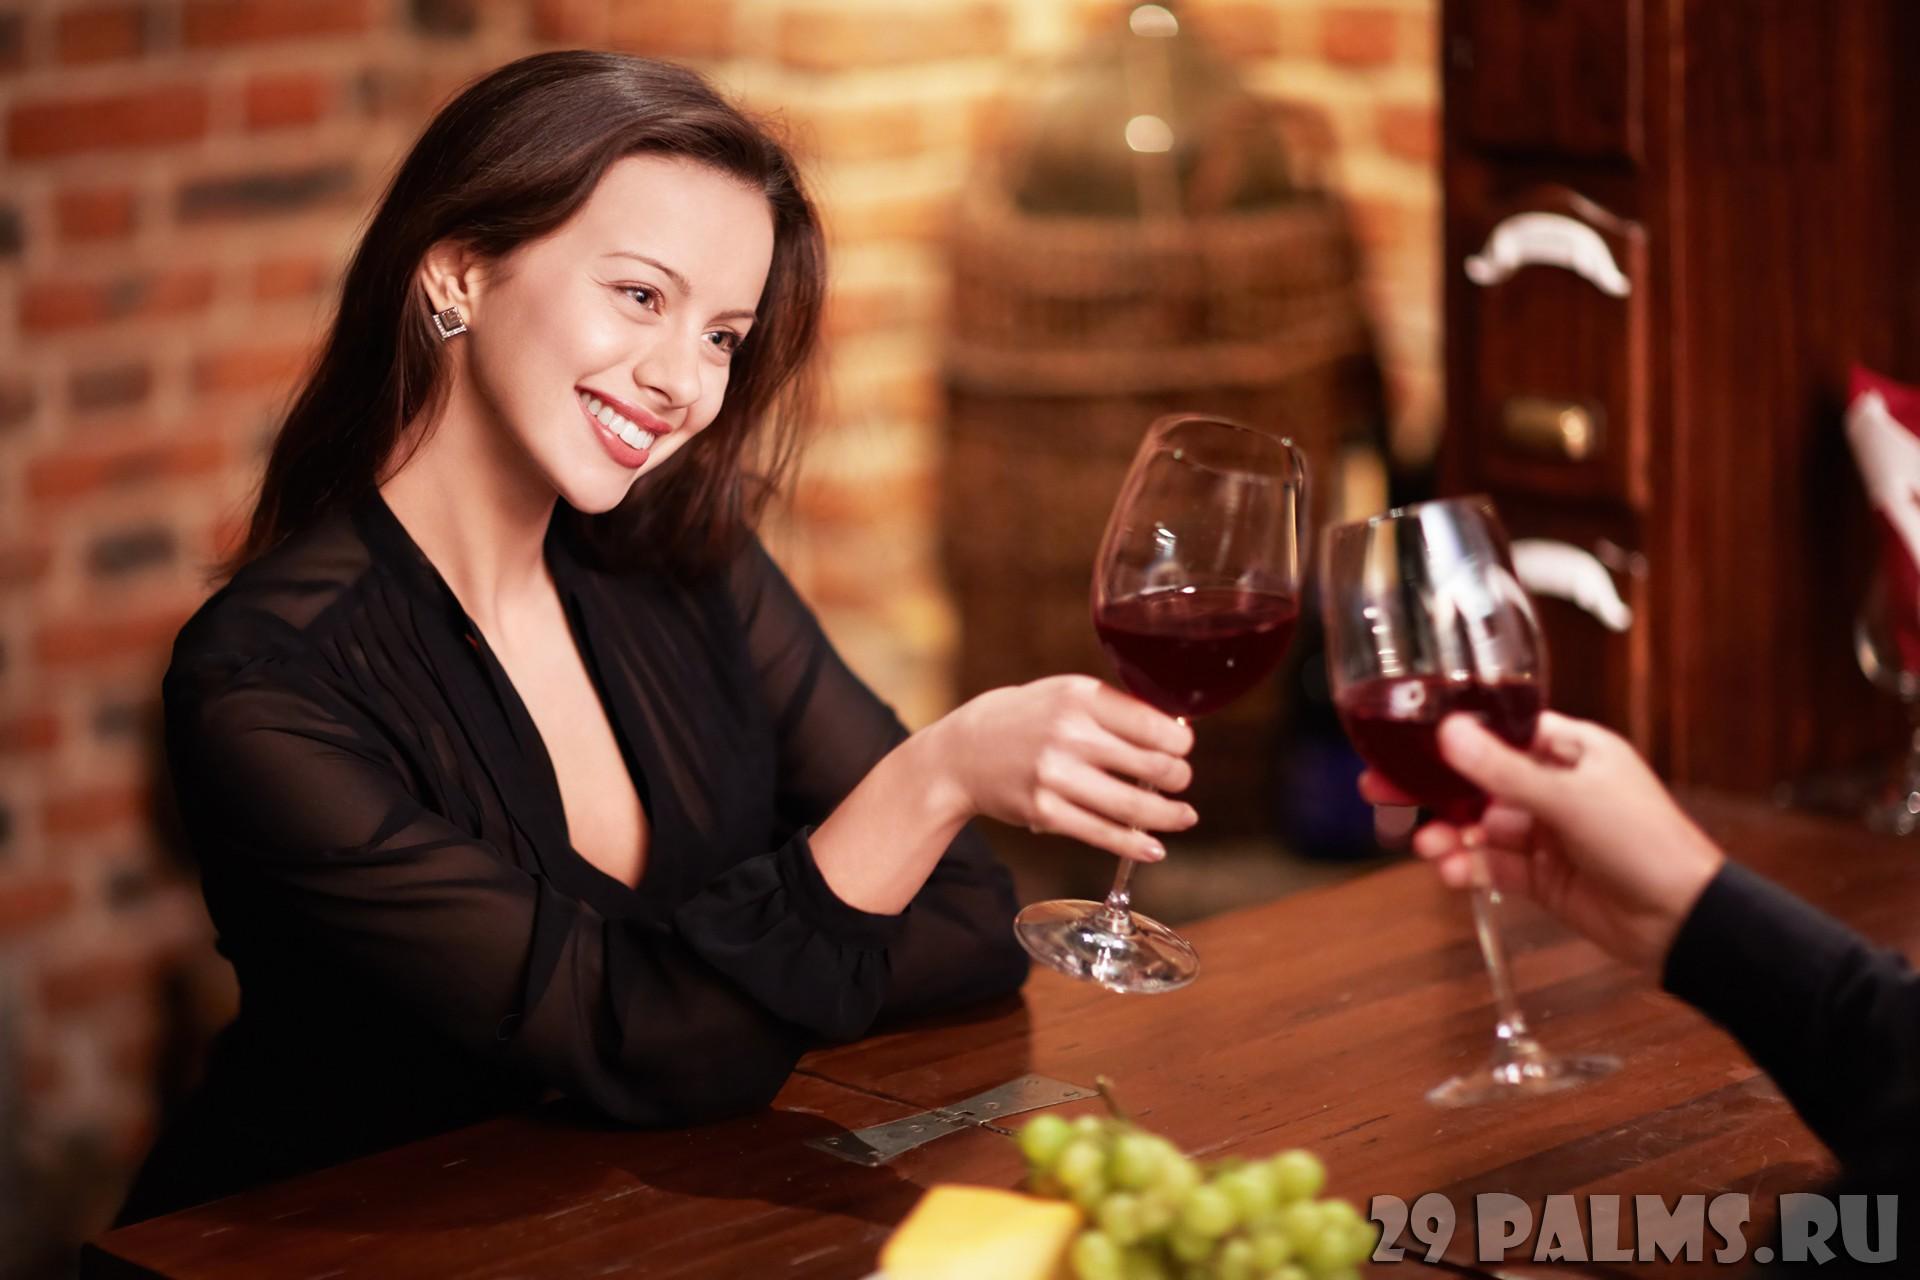 Девушка идет в ресторан фото